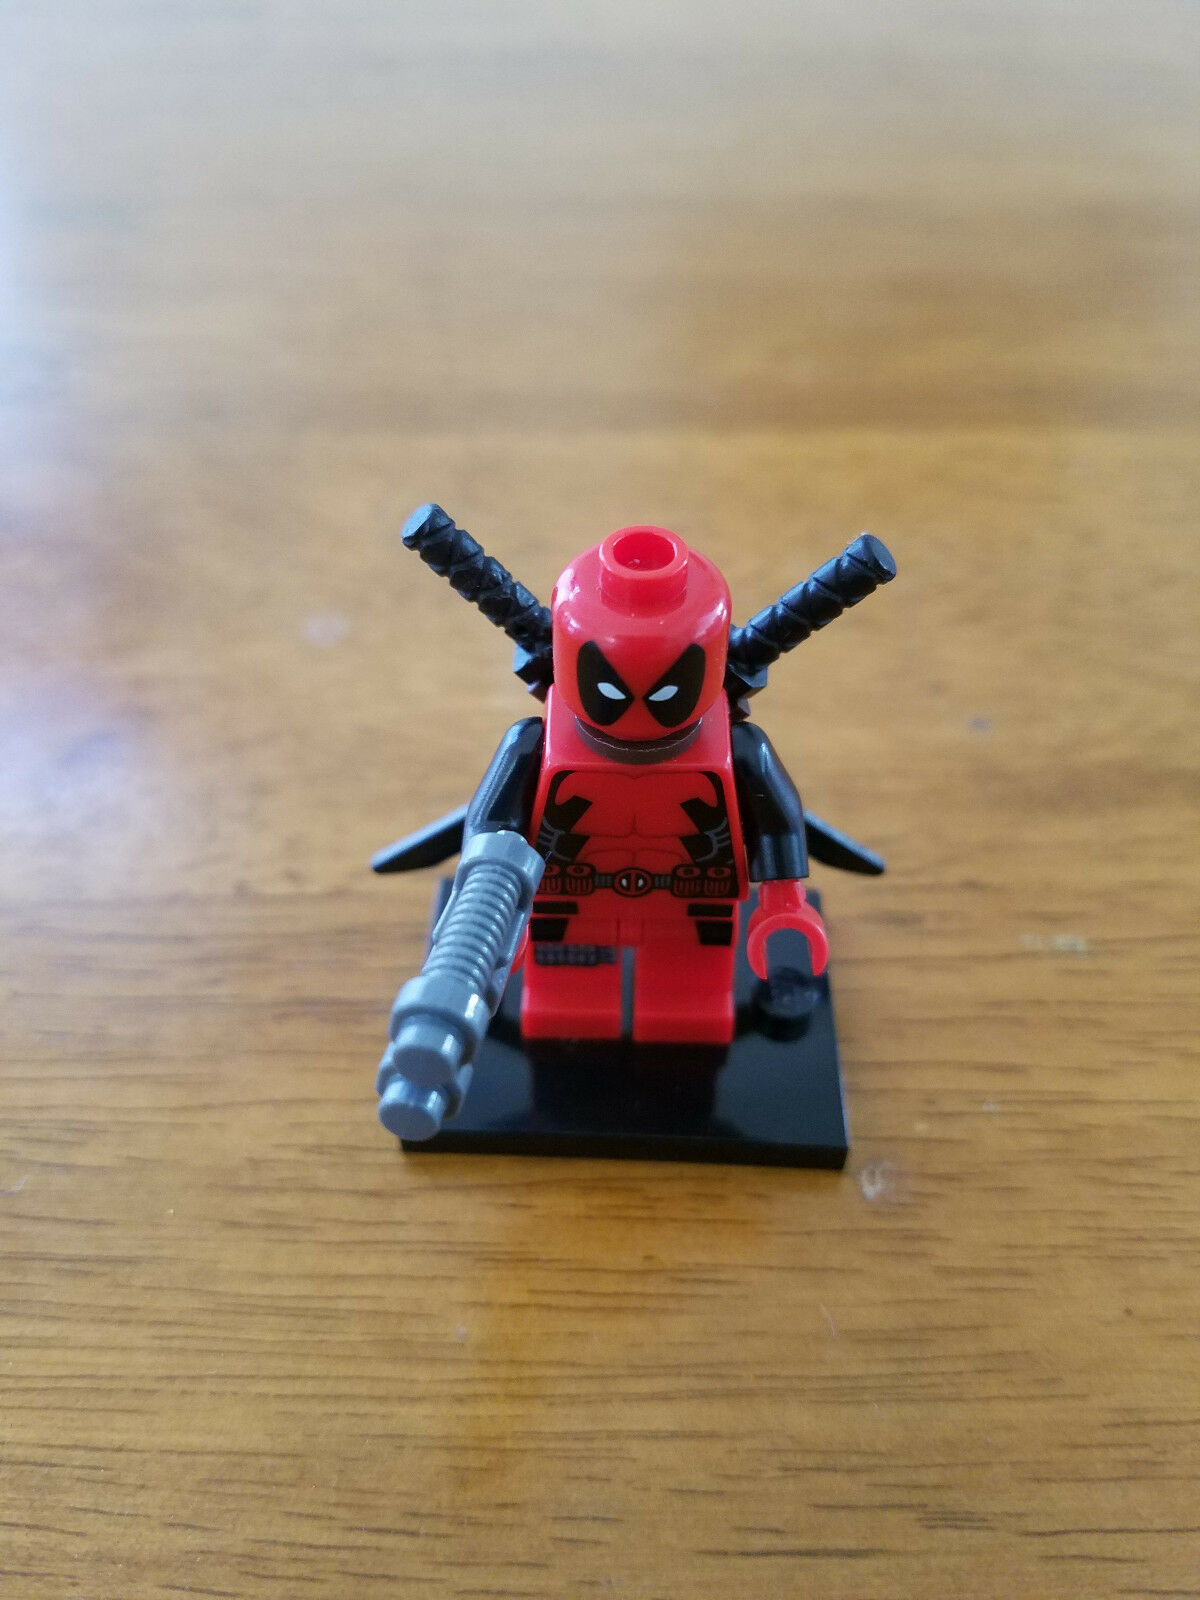 Lego Minifigura Deadpool auténtico de Set 6866